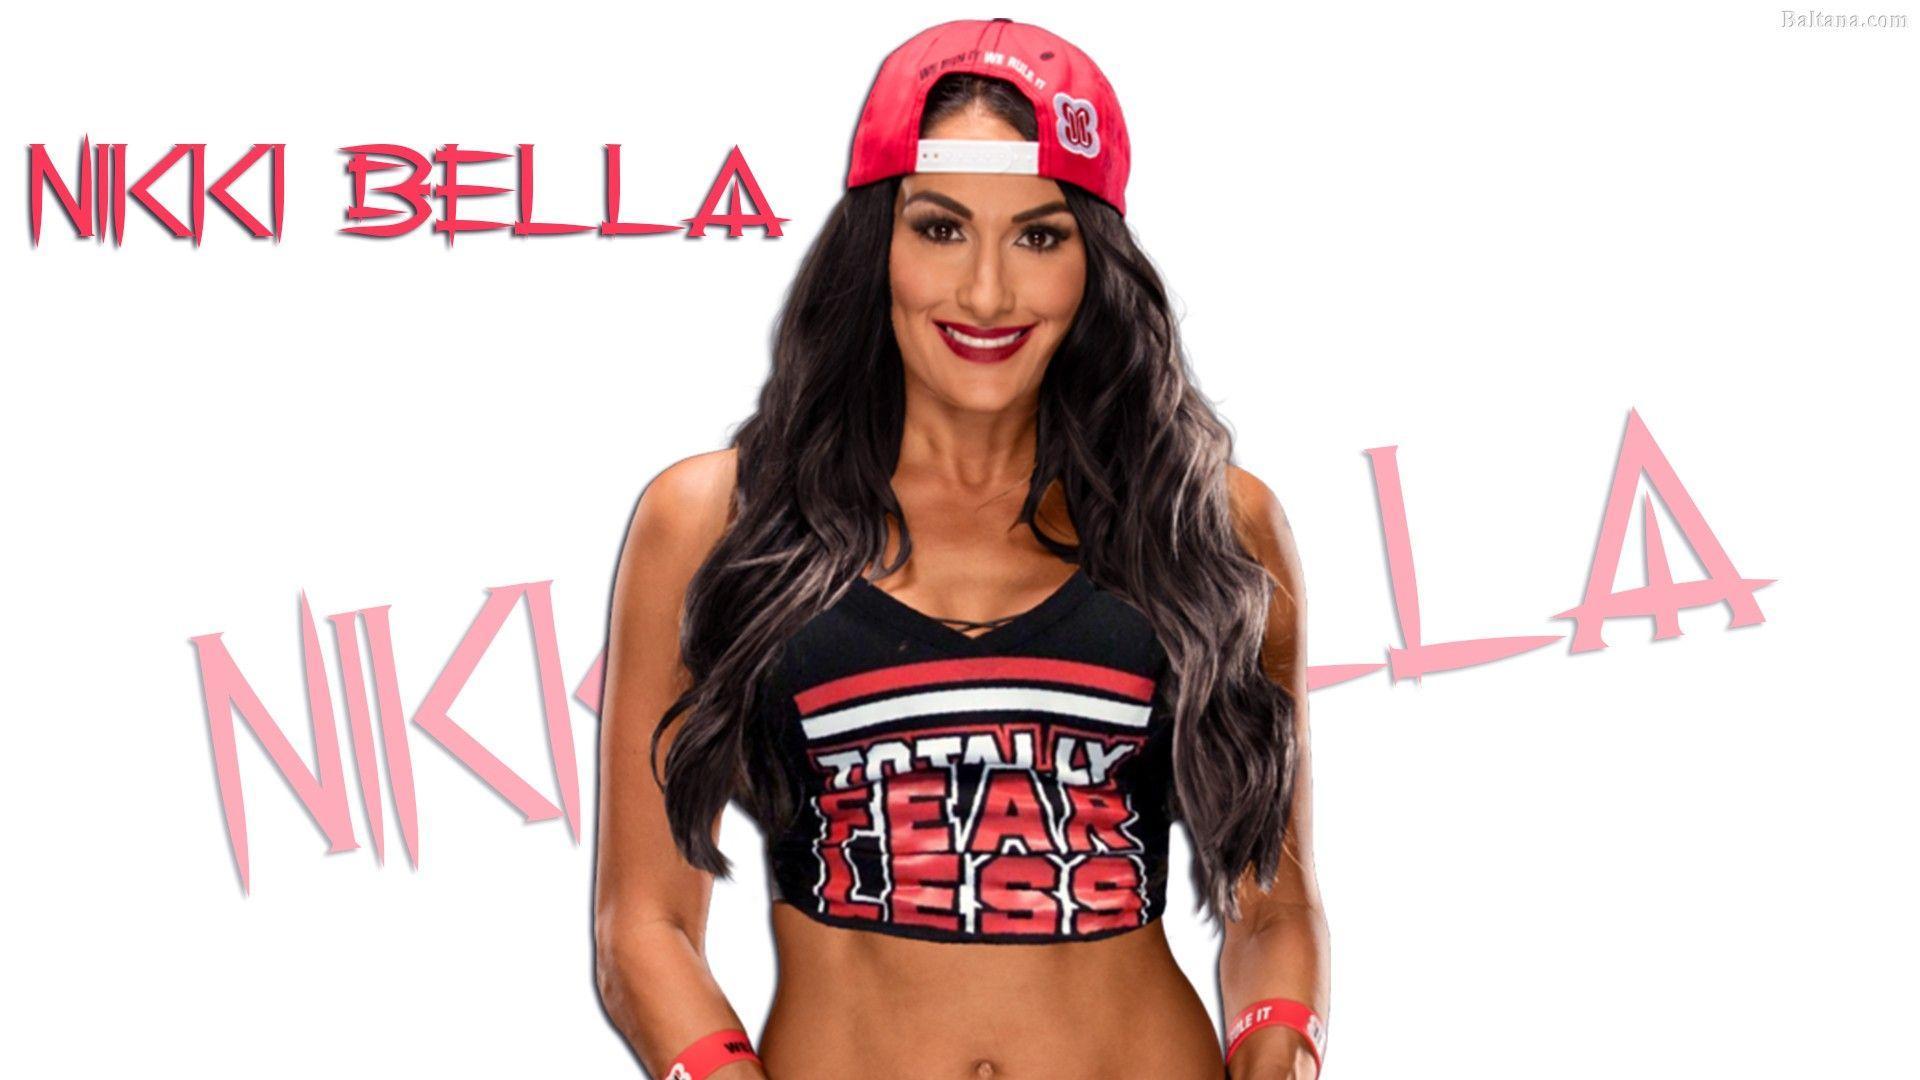 Nikki Bella Wallpapers Top Free Nikki Bella Backgrounds